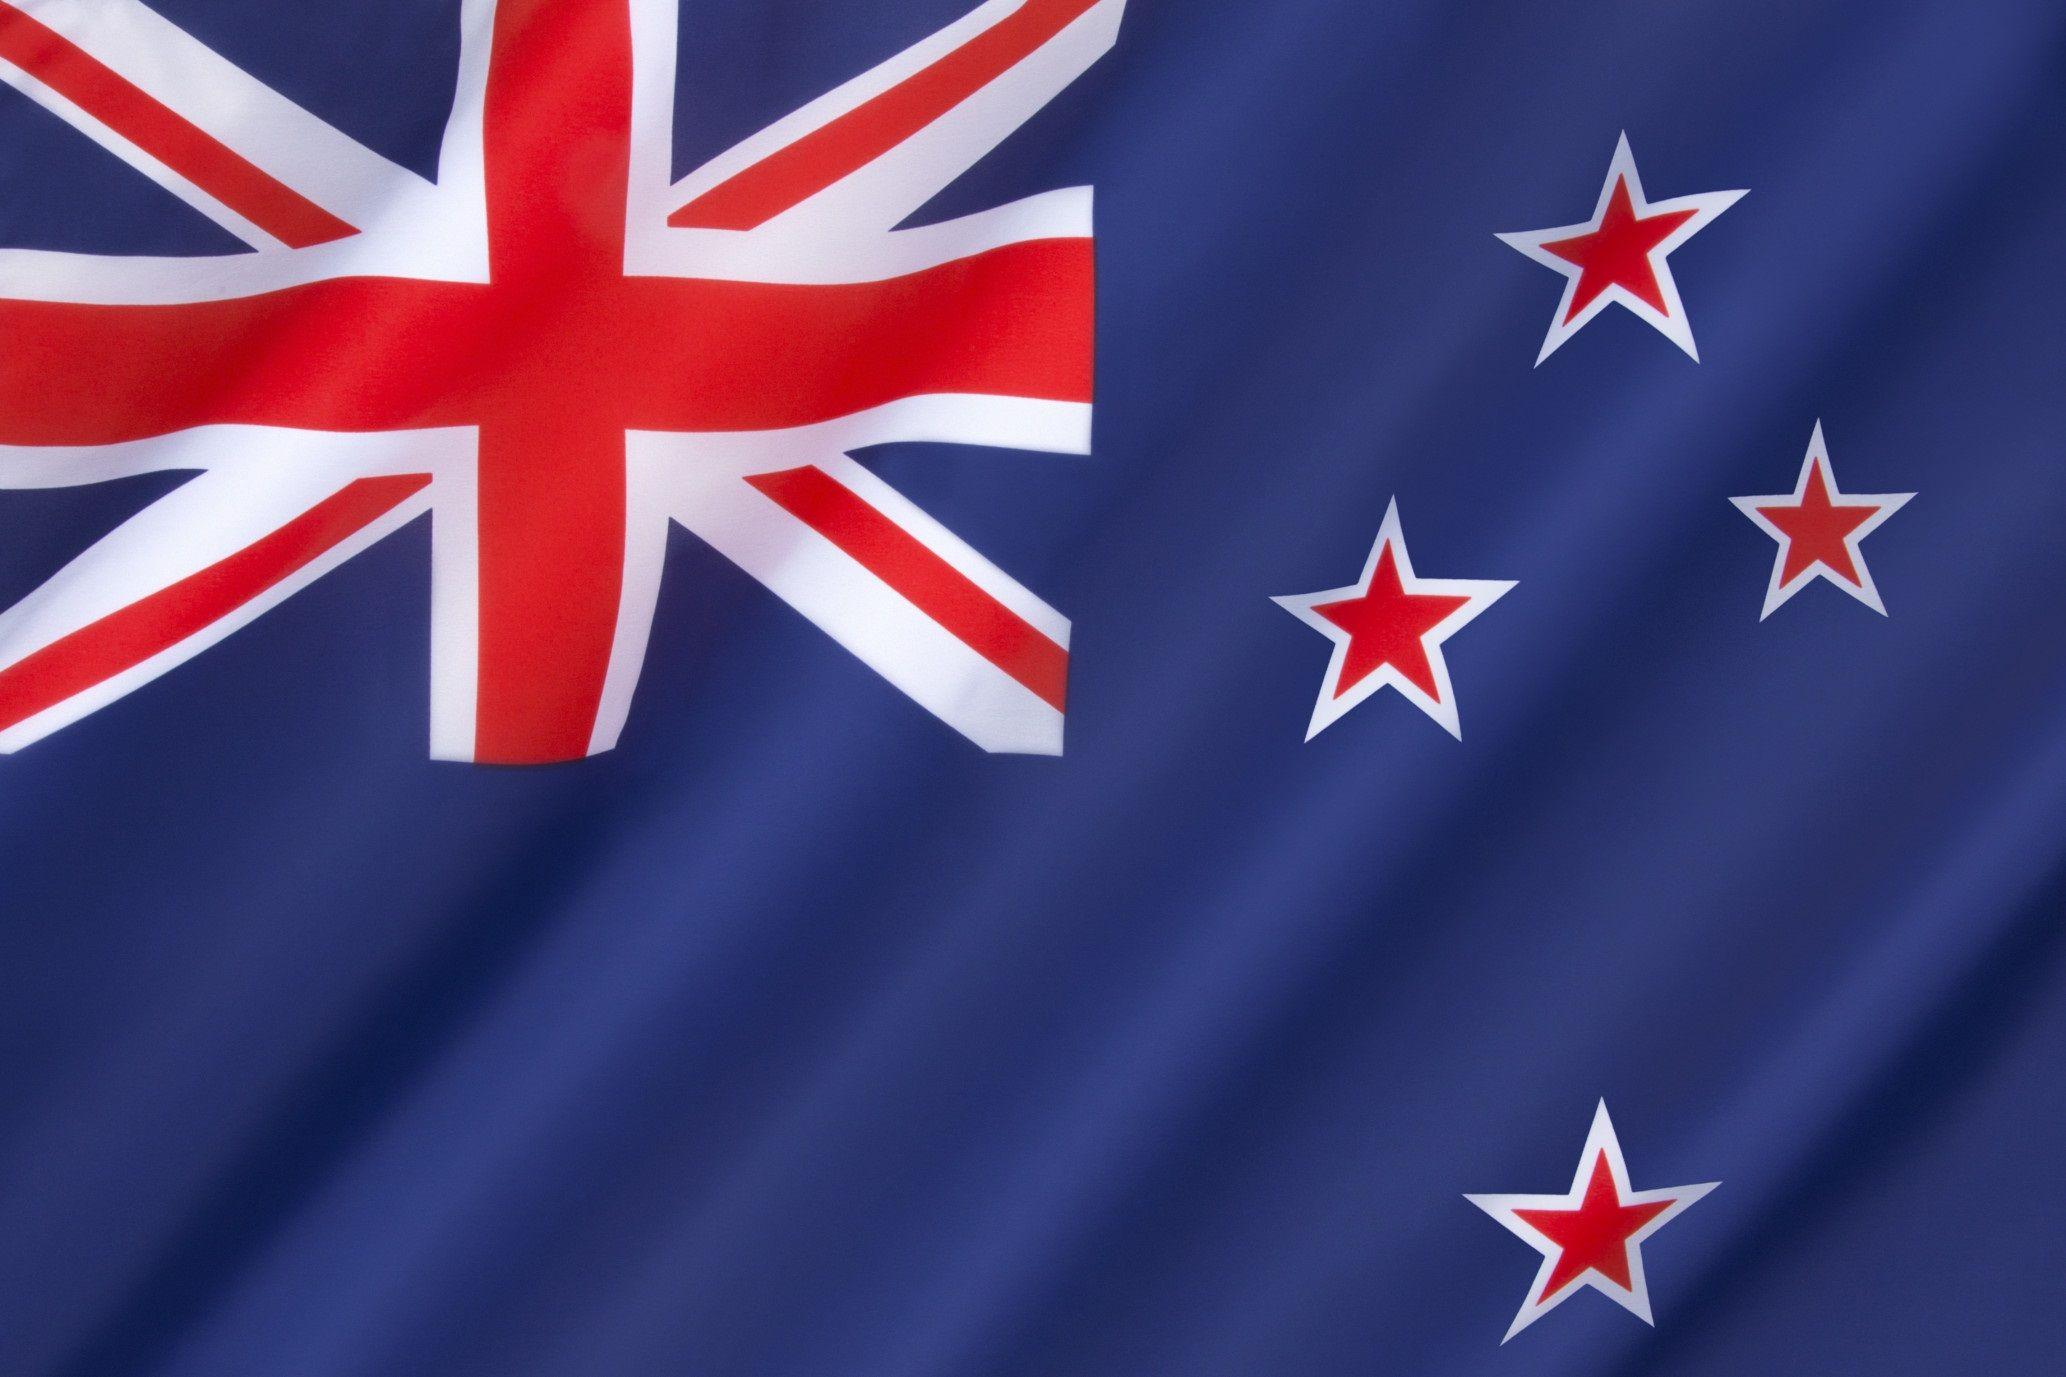 В Новой Зеландии меняются правила взимания GST в отношении недорогих импортных товаров